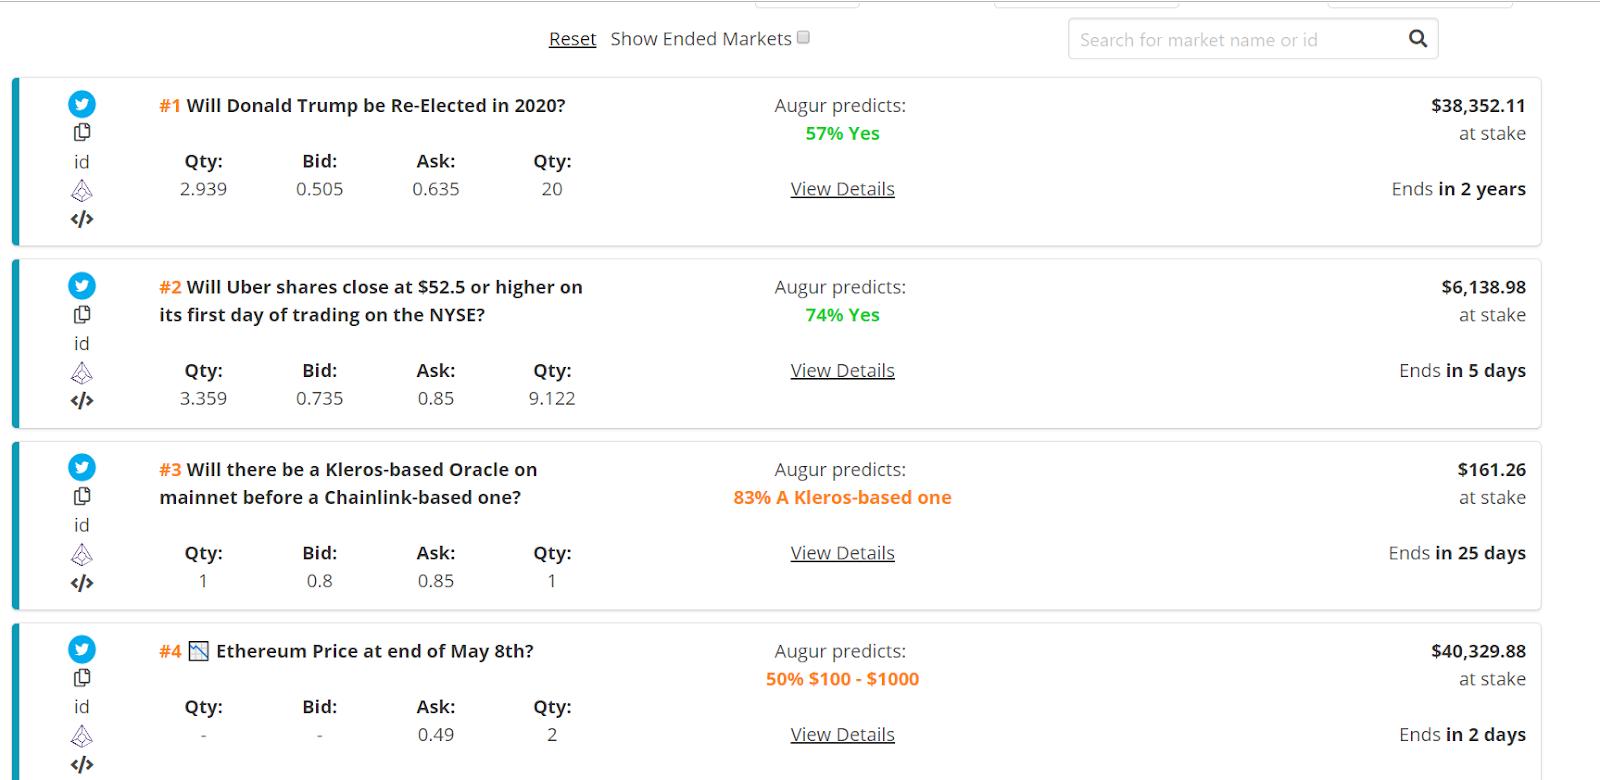 Augur (REP) Price Analysis - проект созревает, но количество пользователей все еще низкое